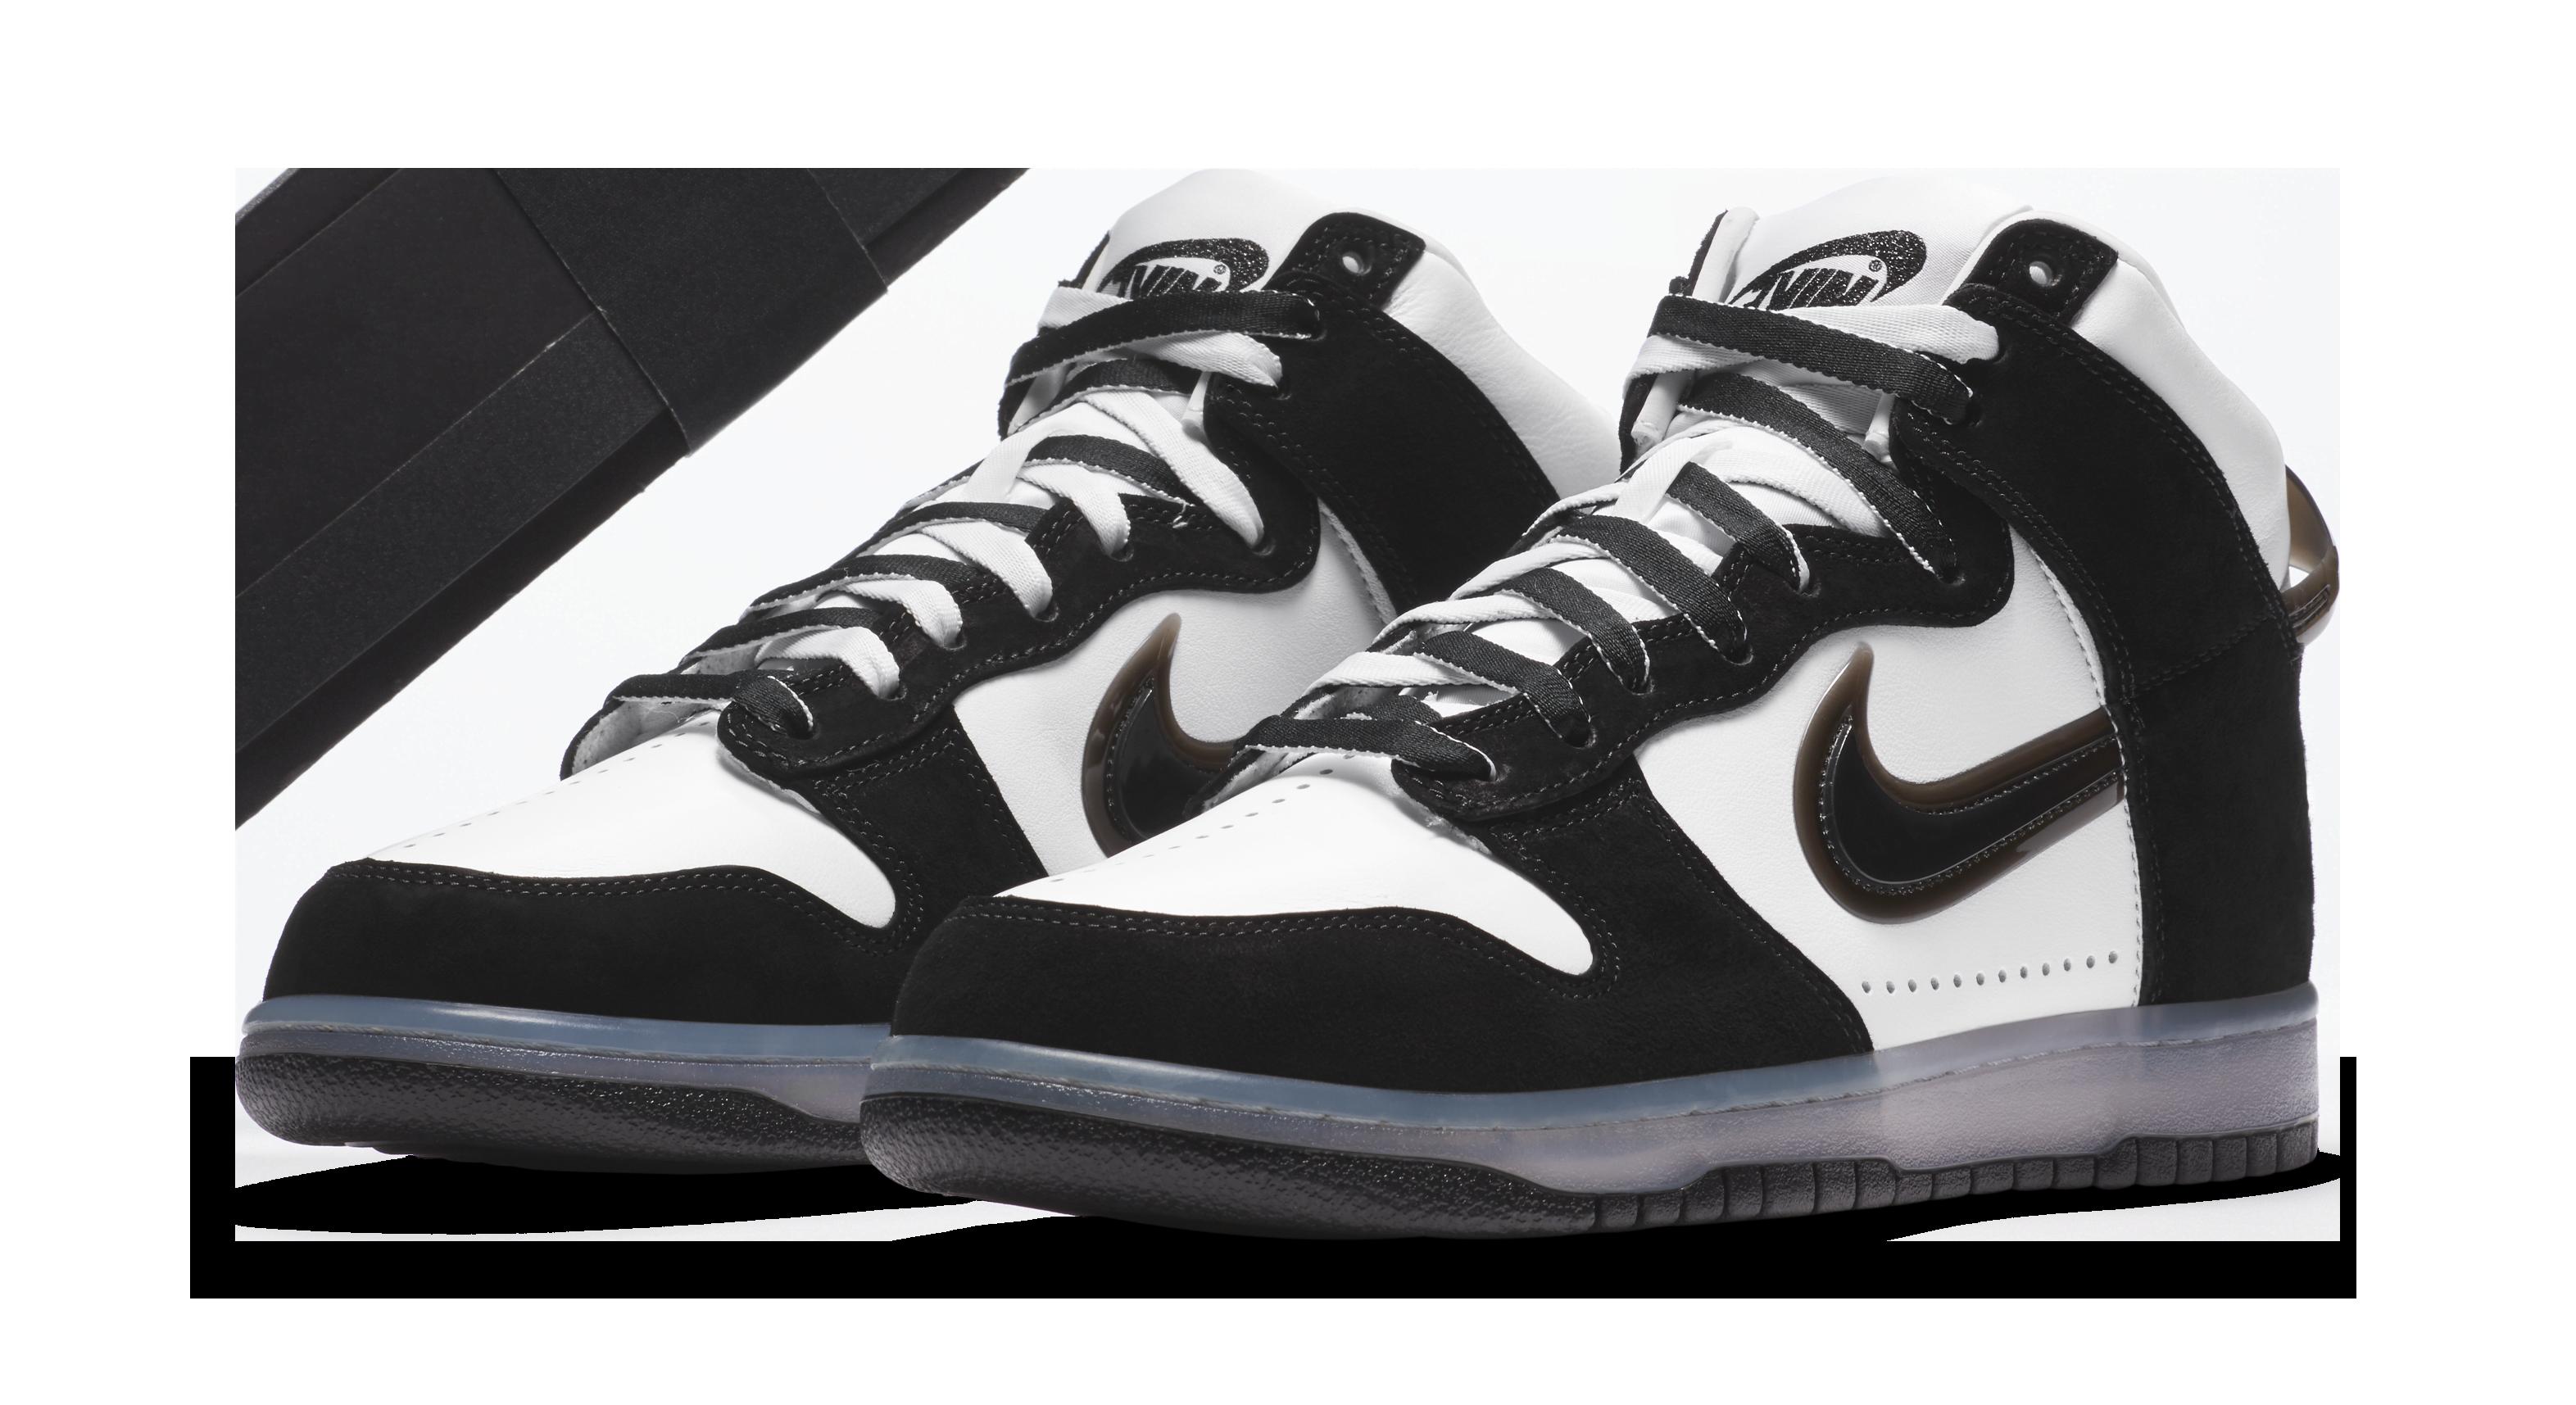 Slam Jam x Nike Dunk High SP 'Black' Pair